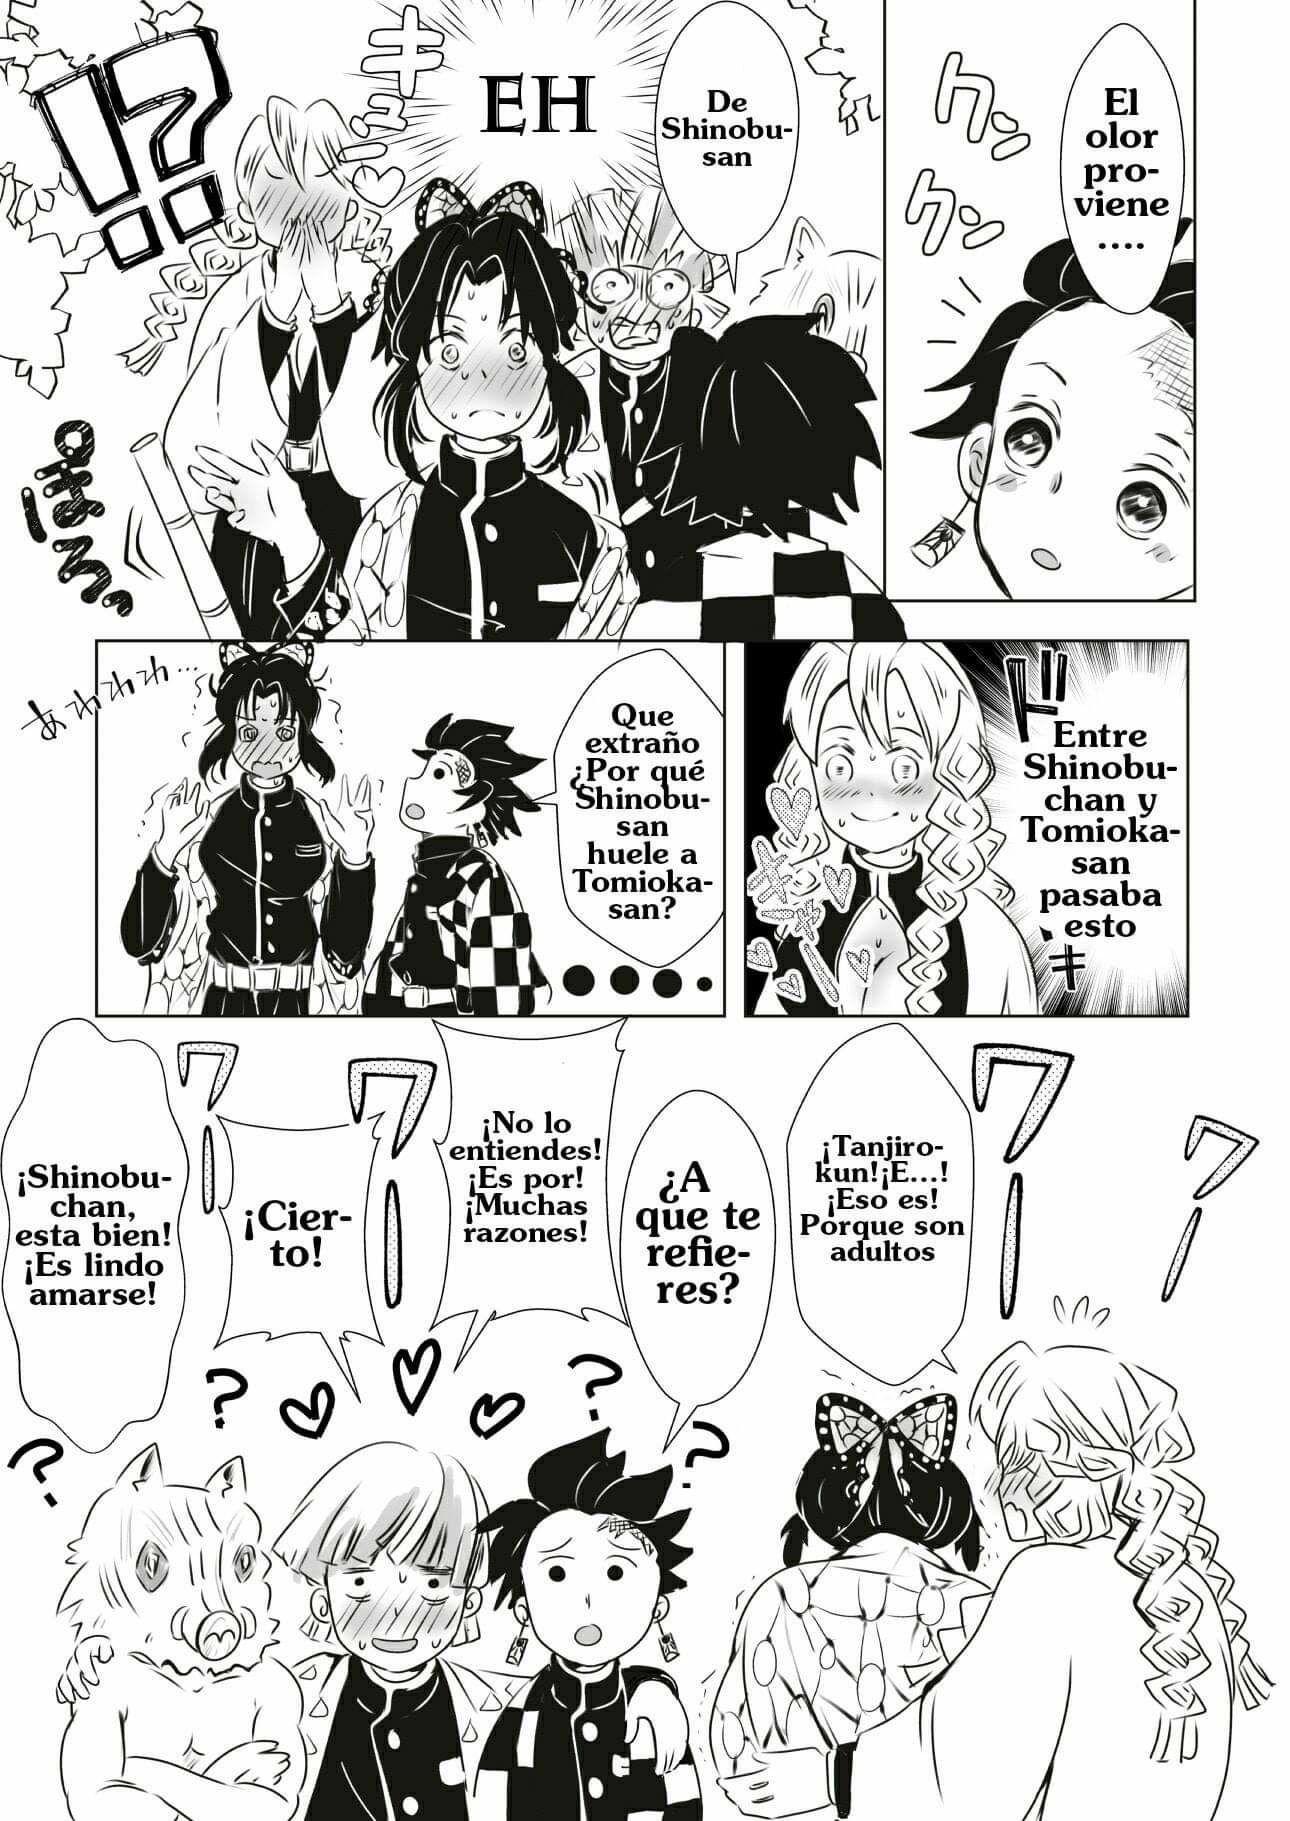 Aquí algunos Doujinshis traducidos de kimetsu no yaiba